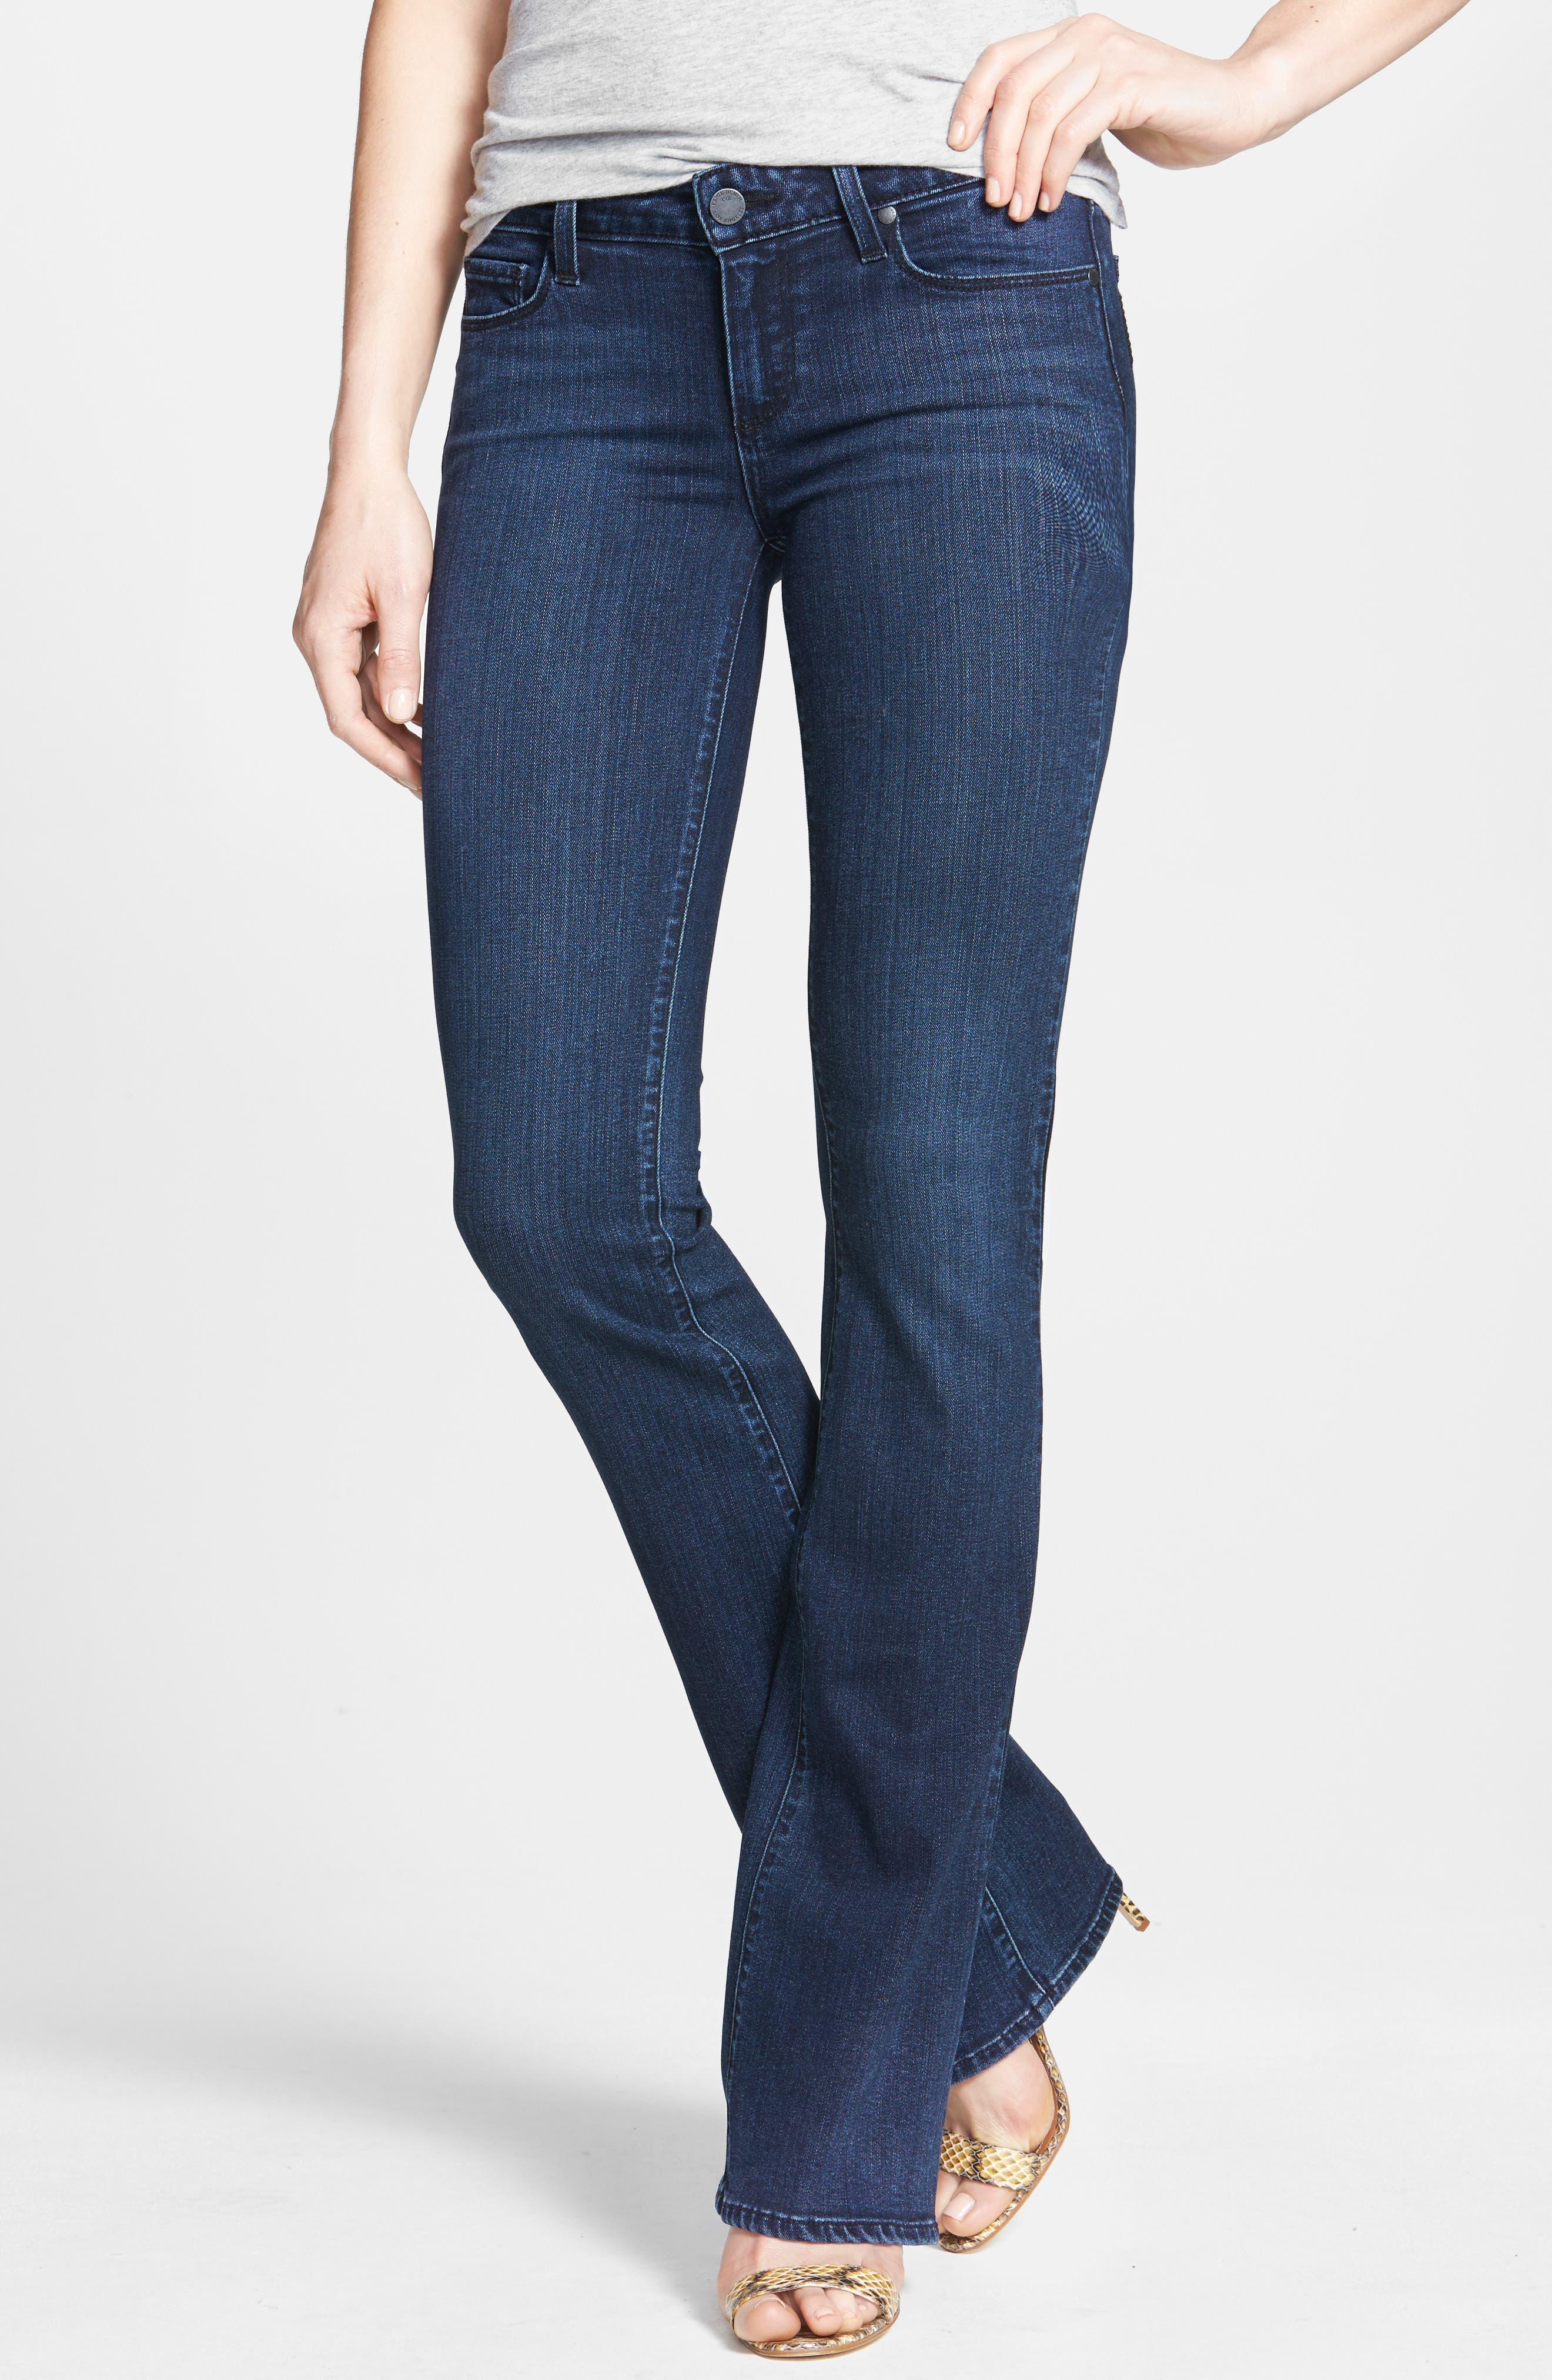 PAIGE Transcend - Skyline Bootcut Jeans, Main, color, VALOR